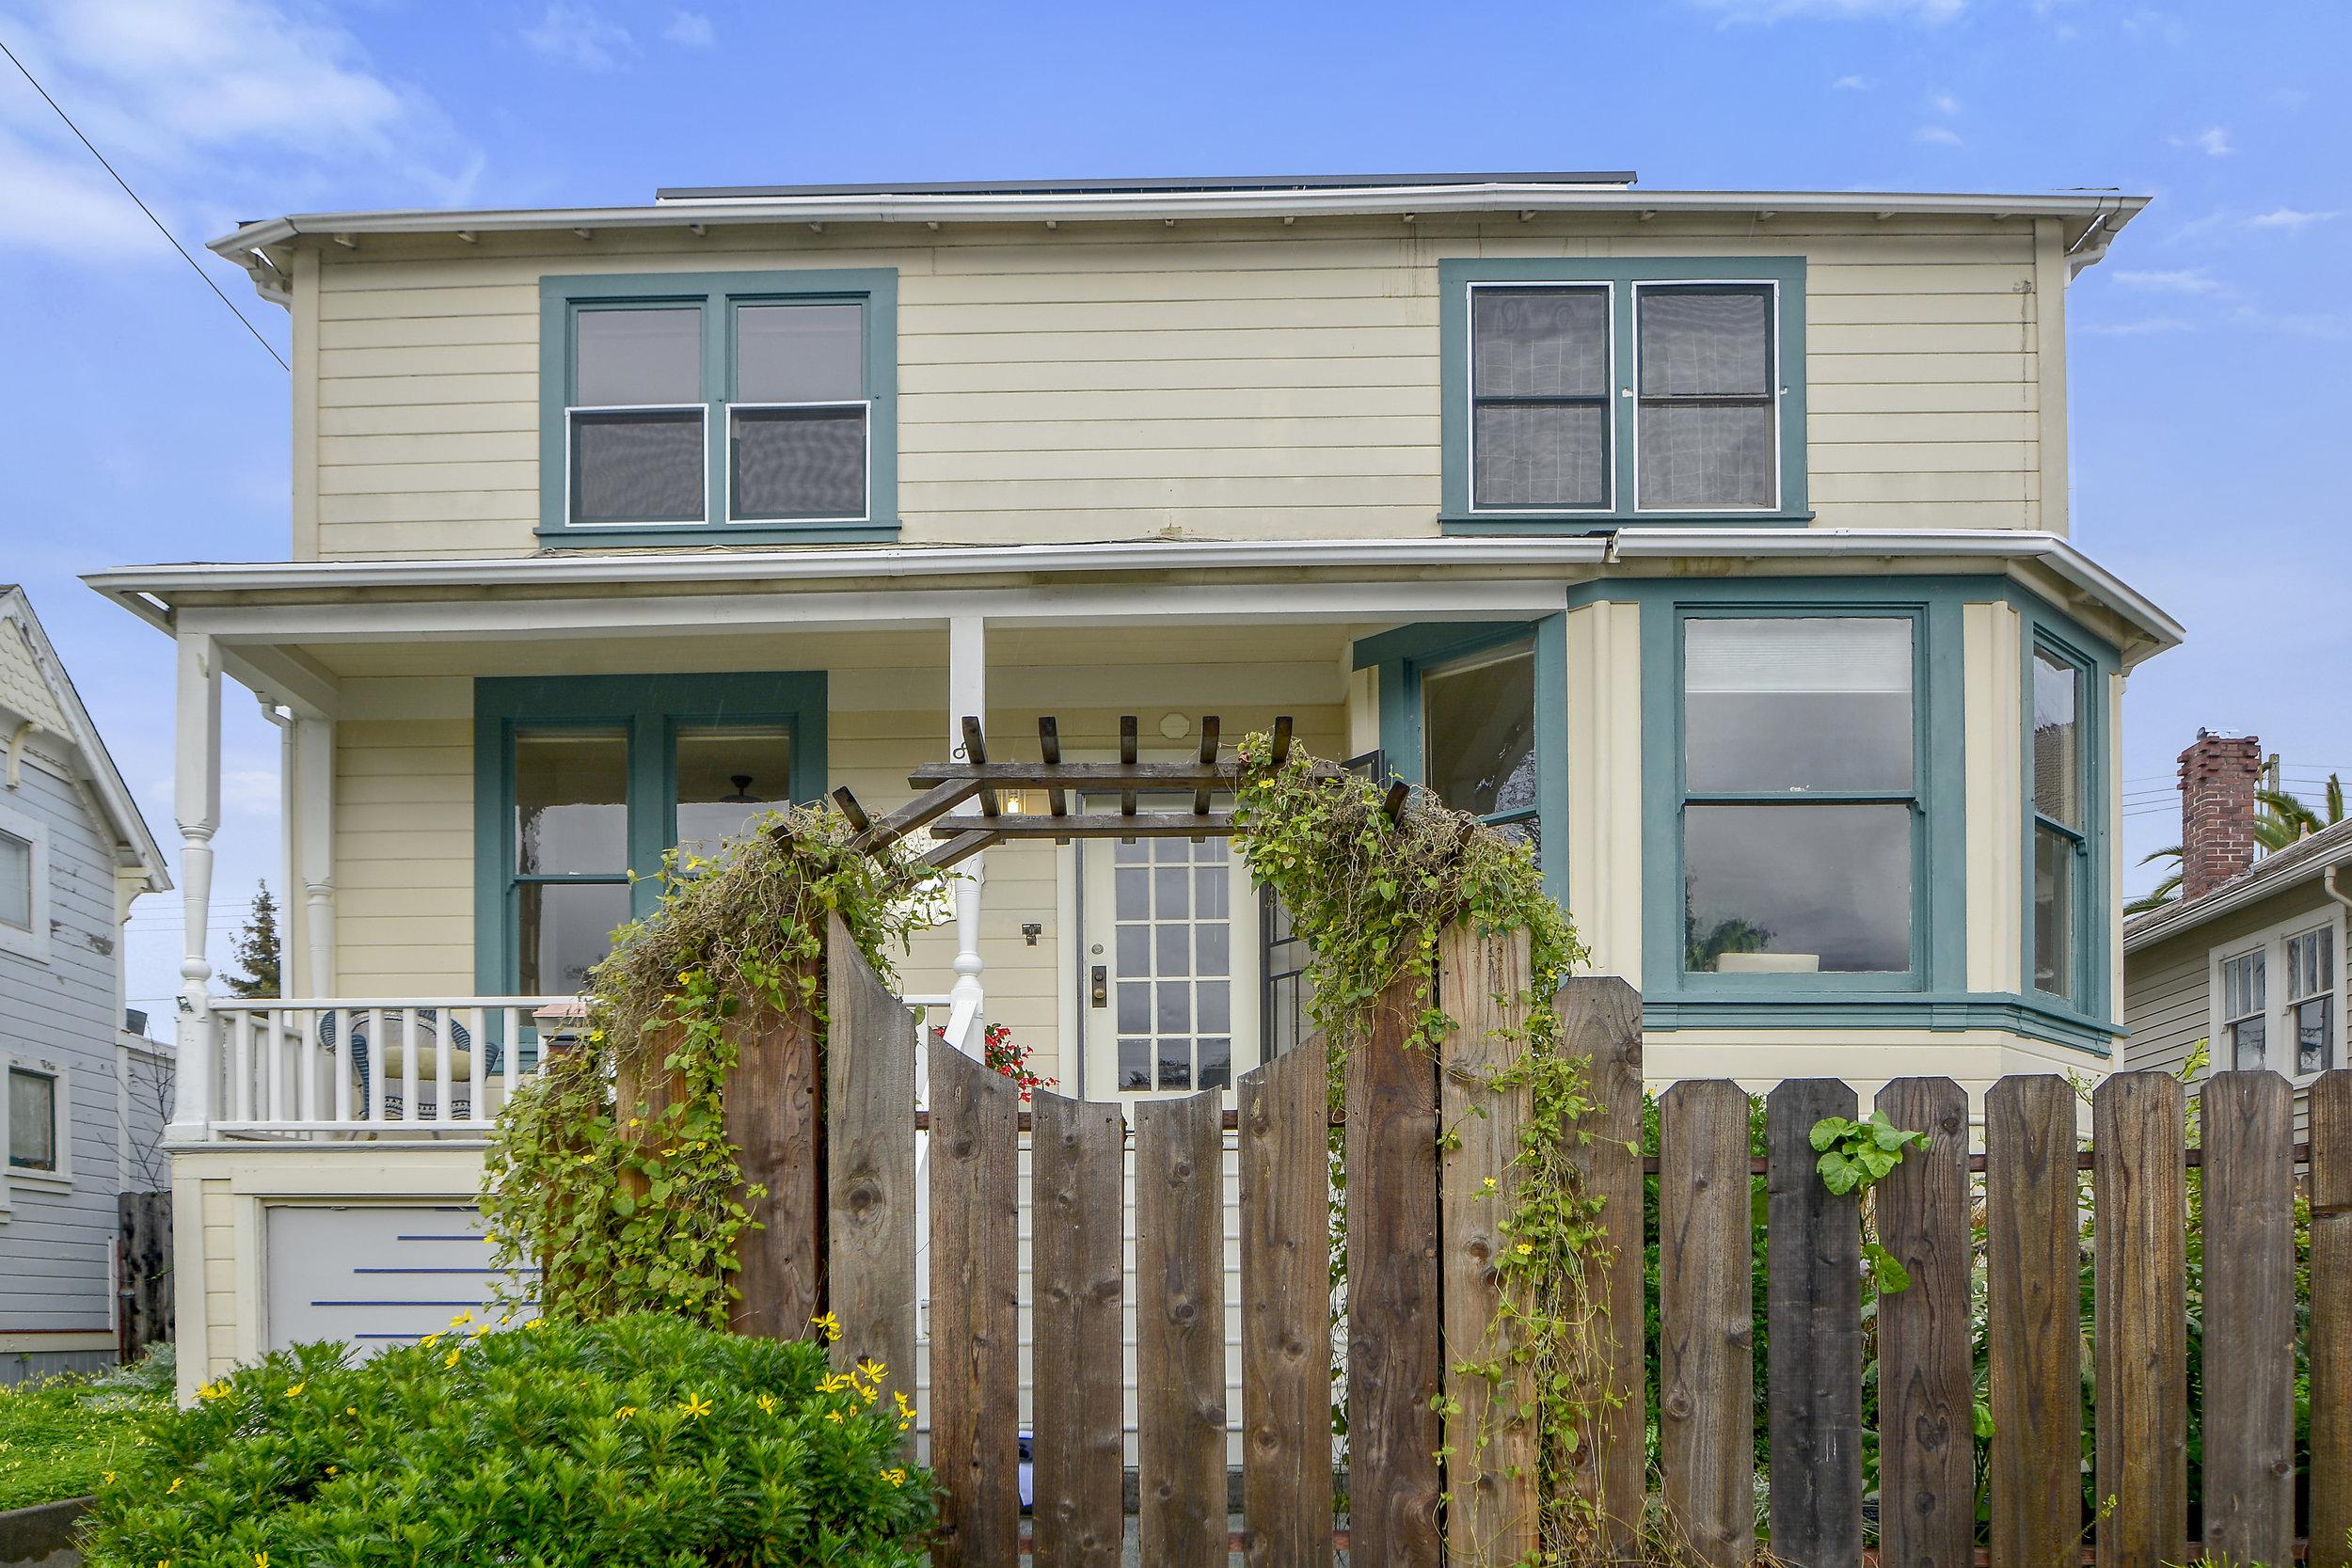 815 Louisiana Street, Vallejo  $615,000